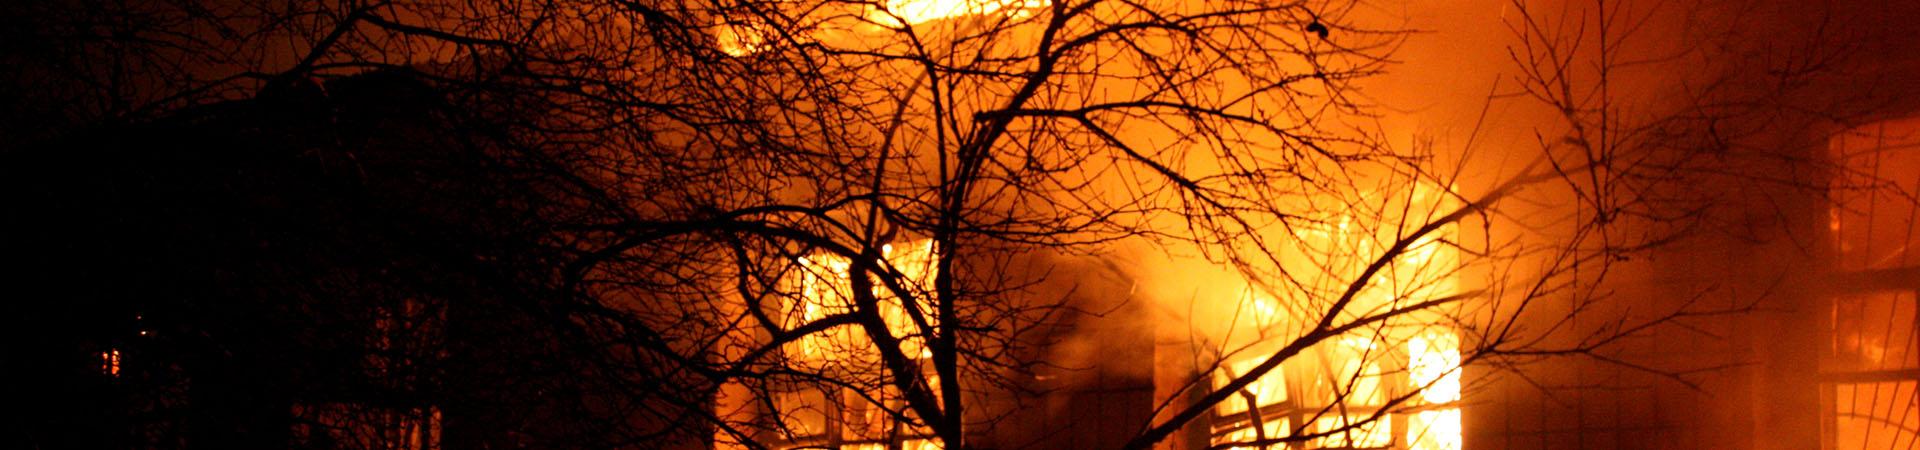 Fire Damage Restoration in Park Ridge, Skokie, Northbrook